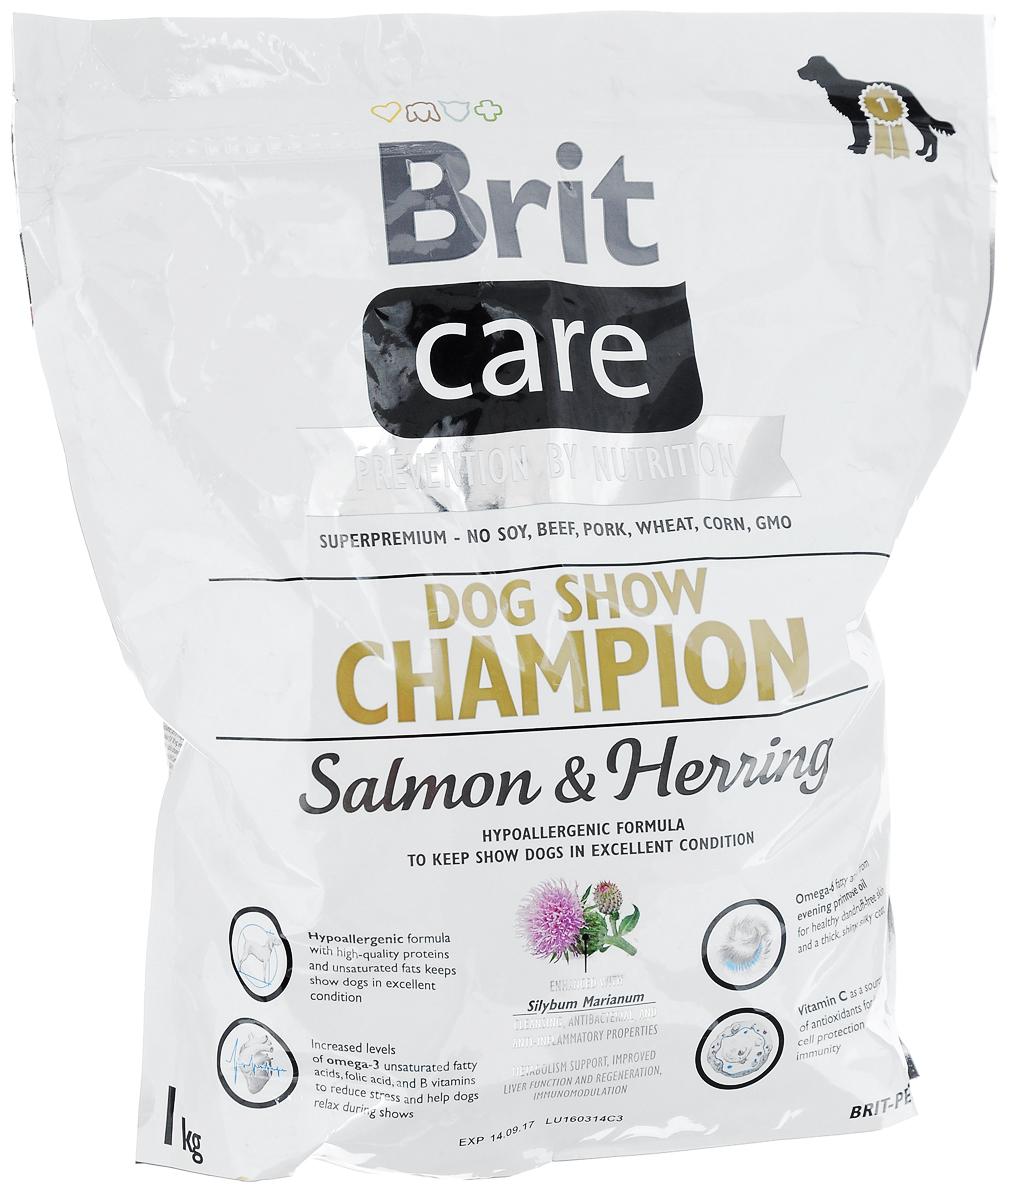 Корм сухой Brit Care, для выставочных собак, с лососем, сельдью и рисом, 1 кг8595602510429Полнорационный, гипоаллергенный корм Brit Care предназначен для взрослых собак всех пород участвующих в выставках. Повышенное содержание витамина С и жирных кислот омега-3 защитят организм собаки от вредного воздействия стресса. Гипоаллергенная формула - мясо лосося и сельди, также подходит собакам с чувствительным пищеварением. Белок из мяса рыб обладает превосходной усвояемостью, что особенно важно в выставочный период, так как собаки часто подвергаются стрессовым ситуациям. Лососевый жир, благодаря содержащимся в нем полиненасыщенным жирным кислотам, благотворно влияет на качество кожи и шерсти животного. MOS (маннан-олигосахариды) поддерживают здоровье кишечника, сокращают патогенную микрофлору.Товар сертифицирован.Чем кормить пожилых собак: советы ветеринара. Статья OZON Гид